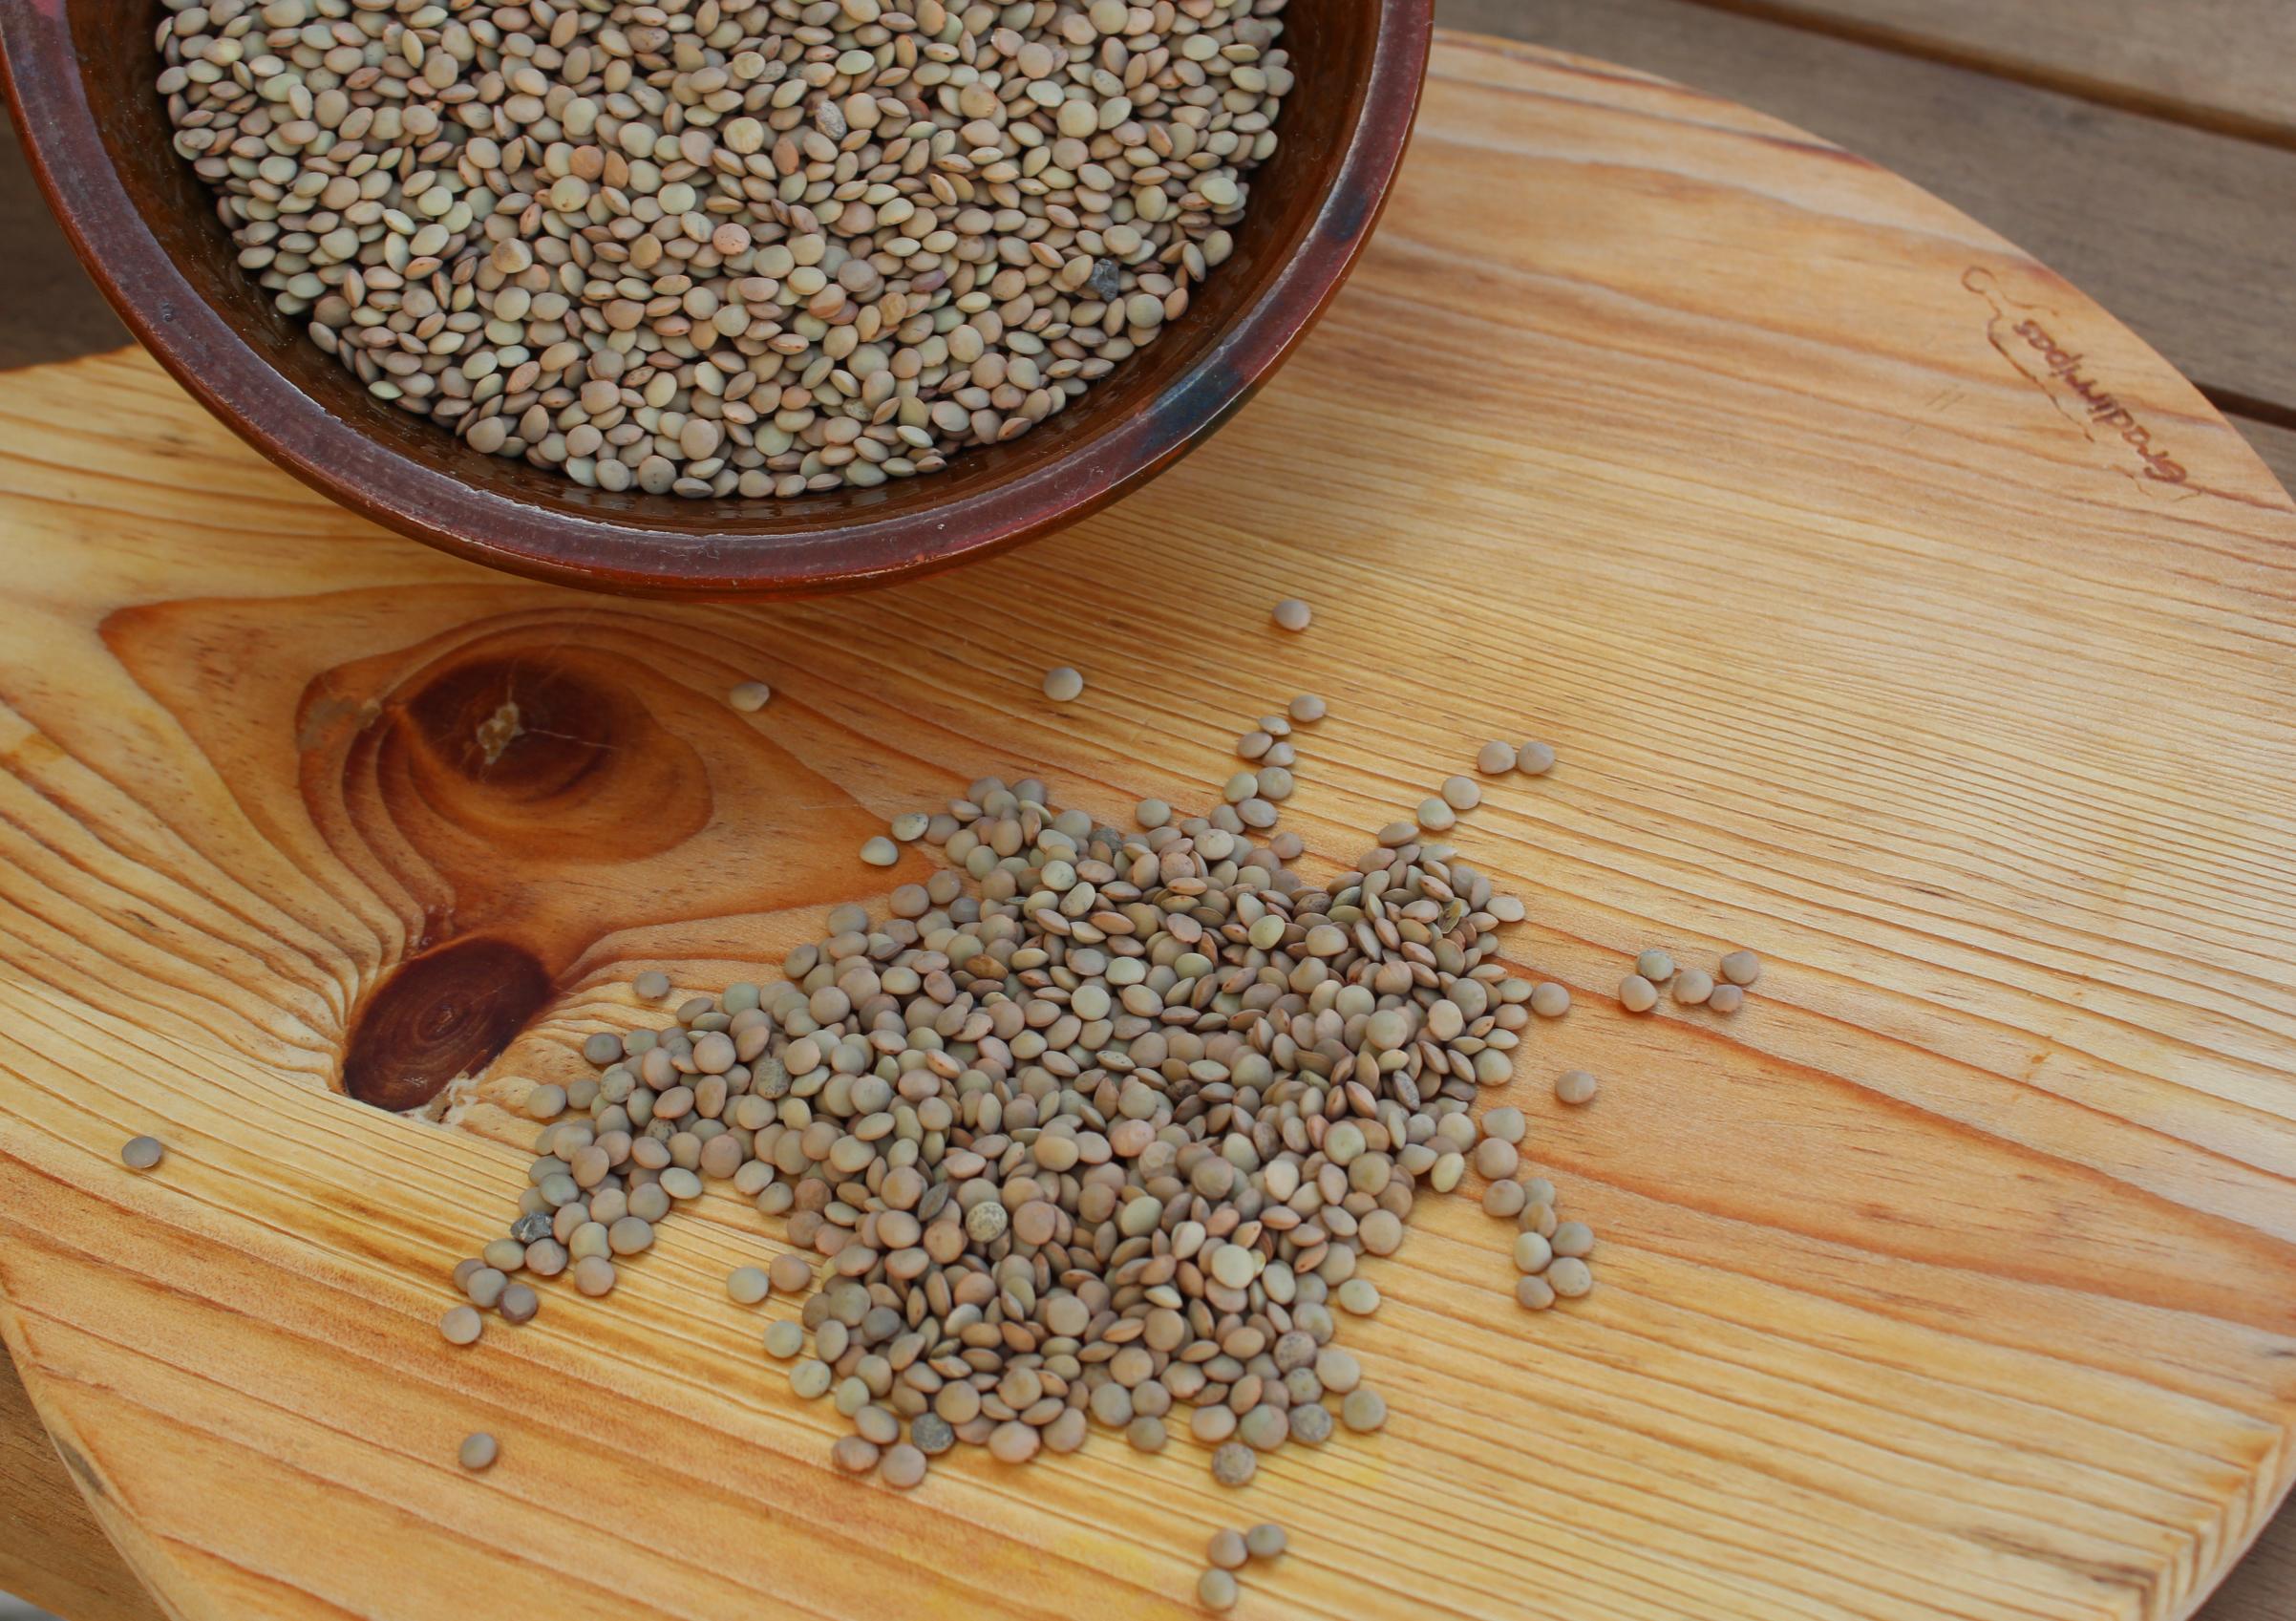 caril de legumes com Lentilhas foto.JPG